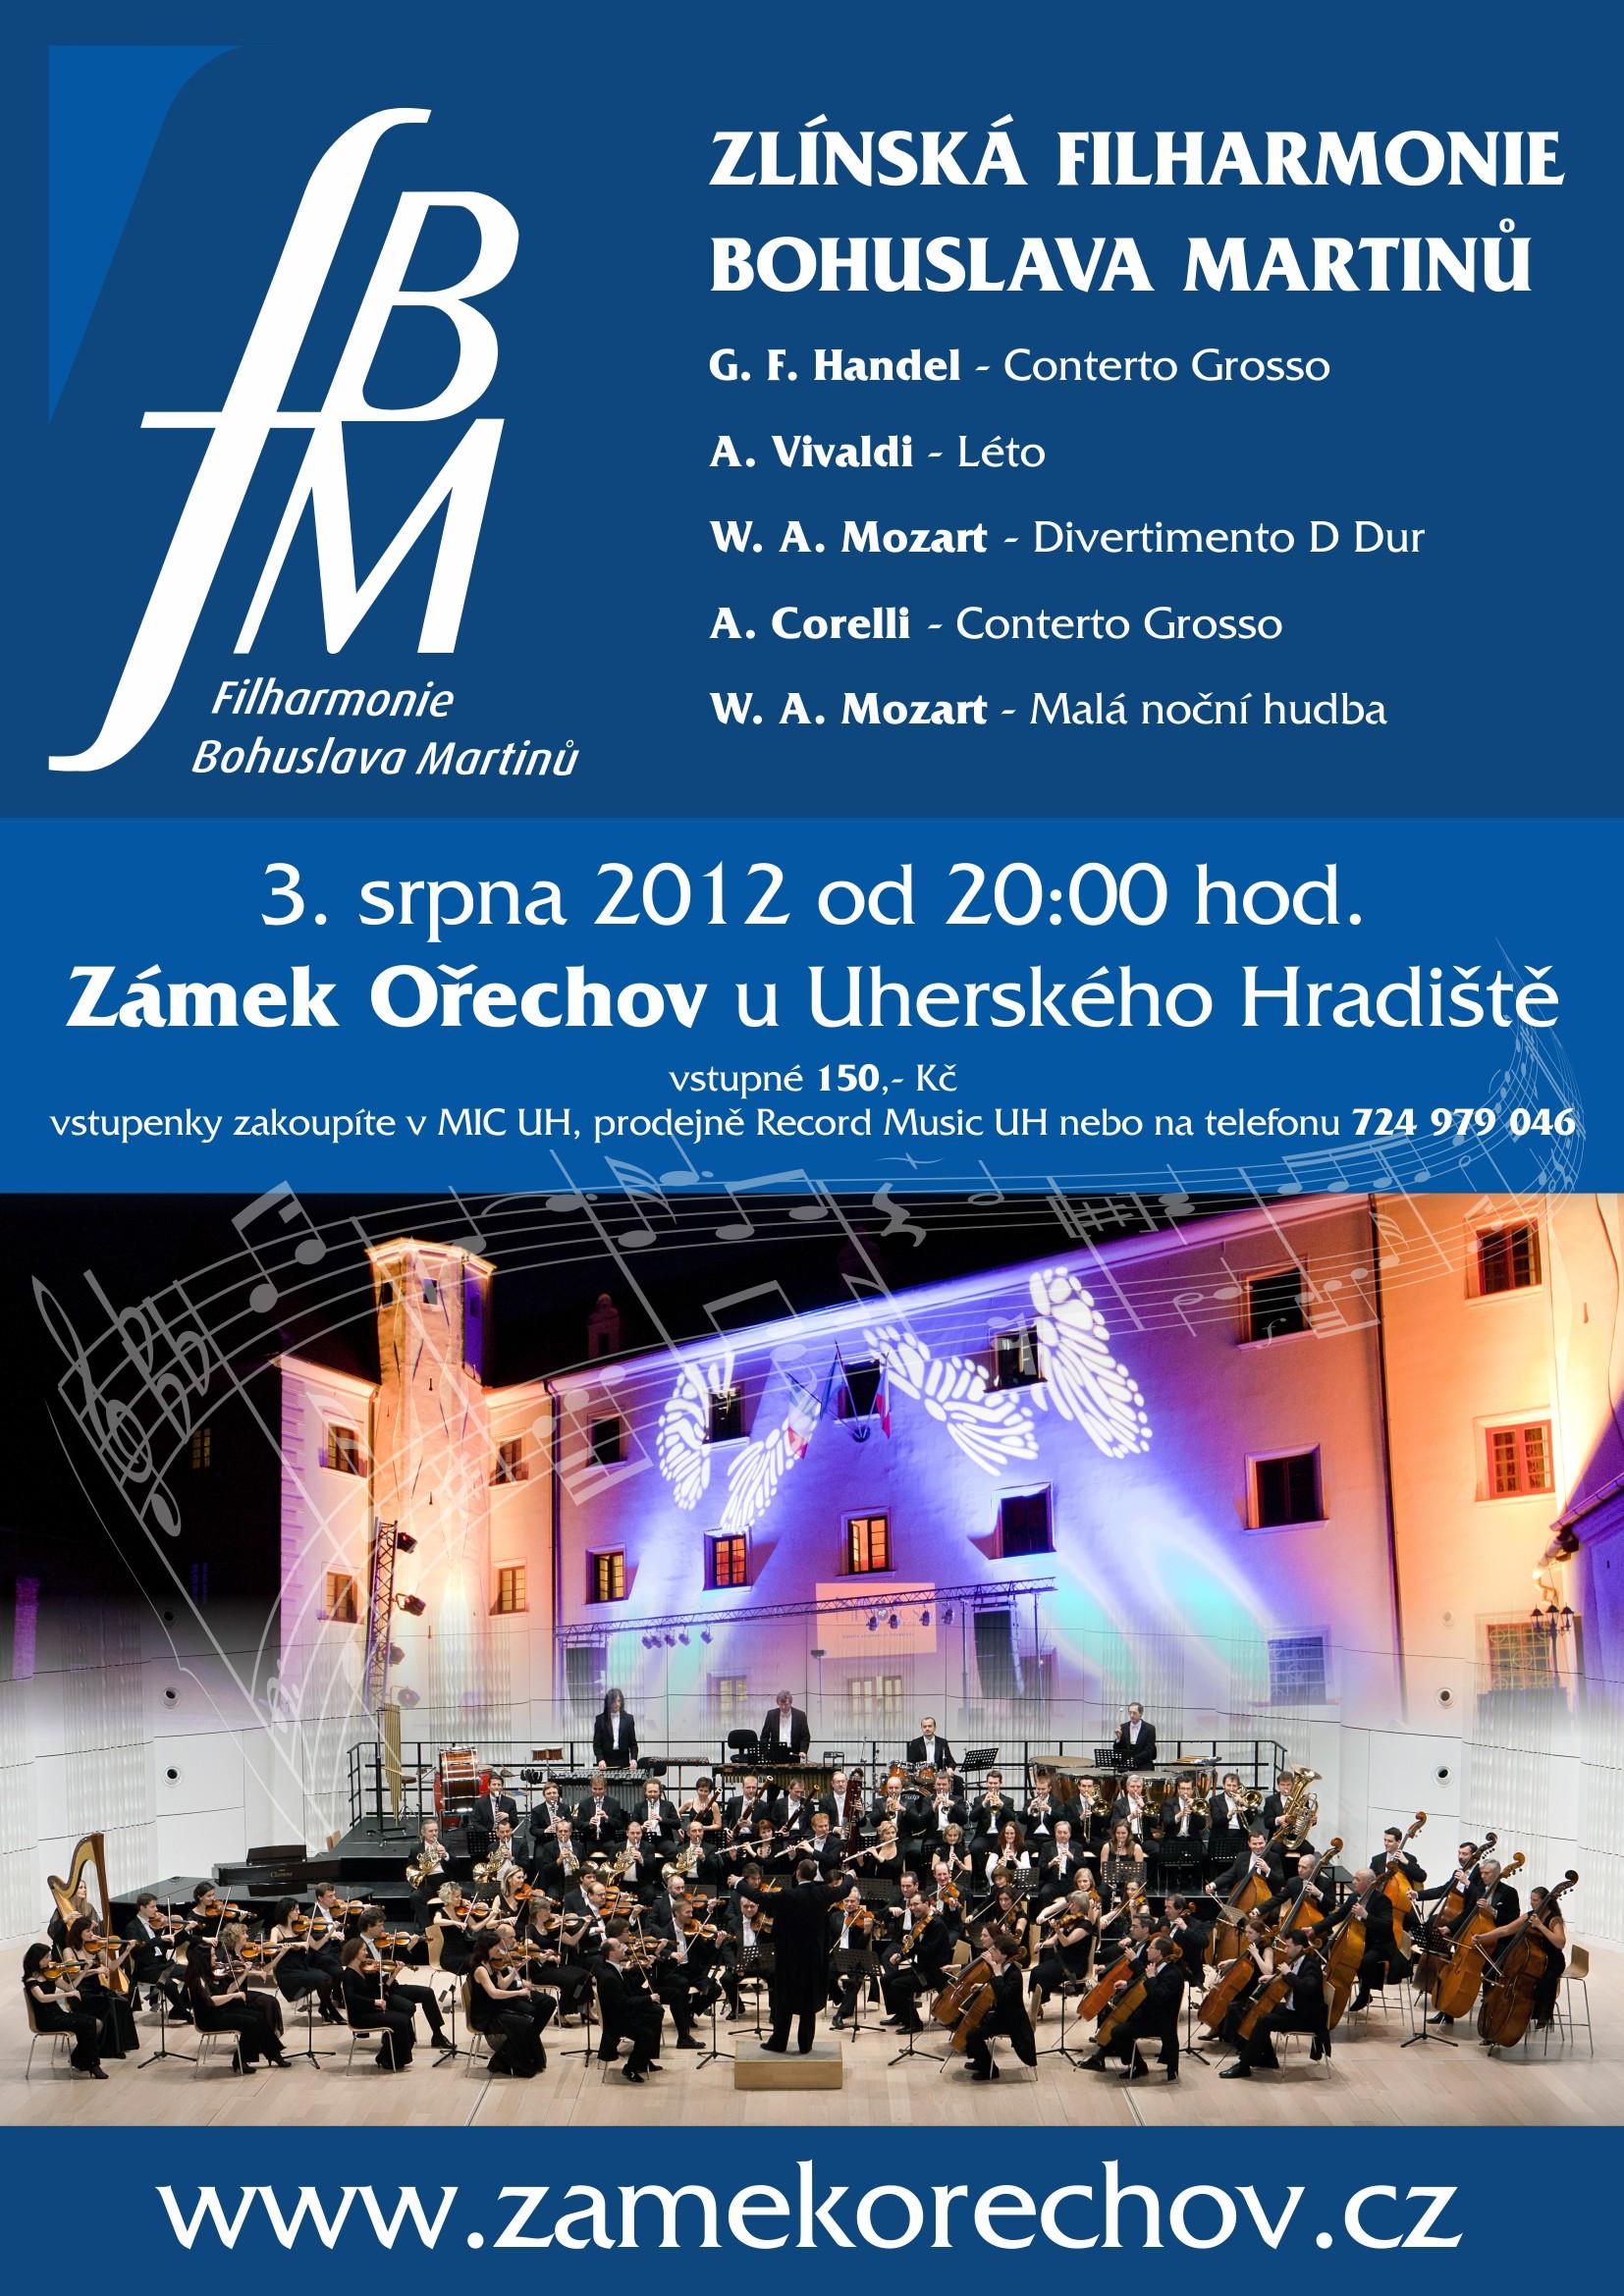 3. srpna 2012 Zlínská Filharmonie Bohuslava Martinů na Zámku Ořechov u Uherského Hradiště